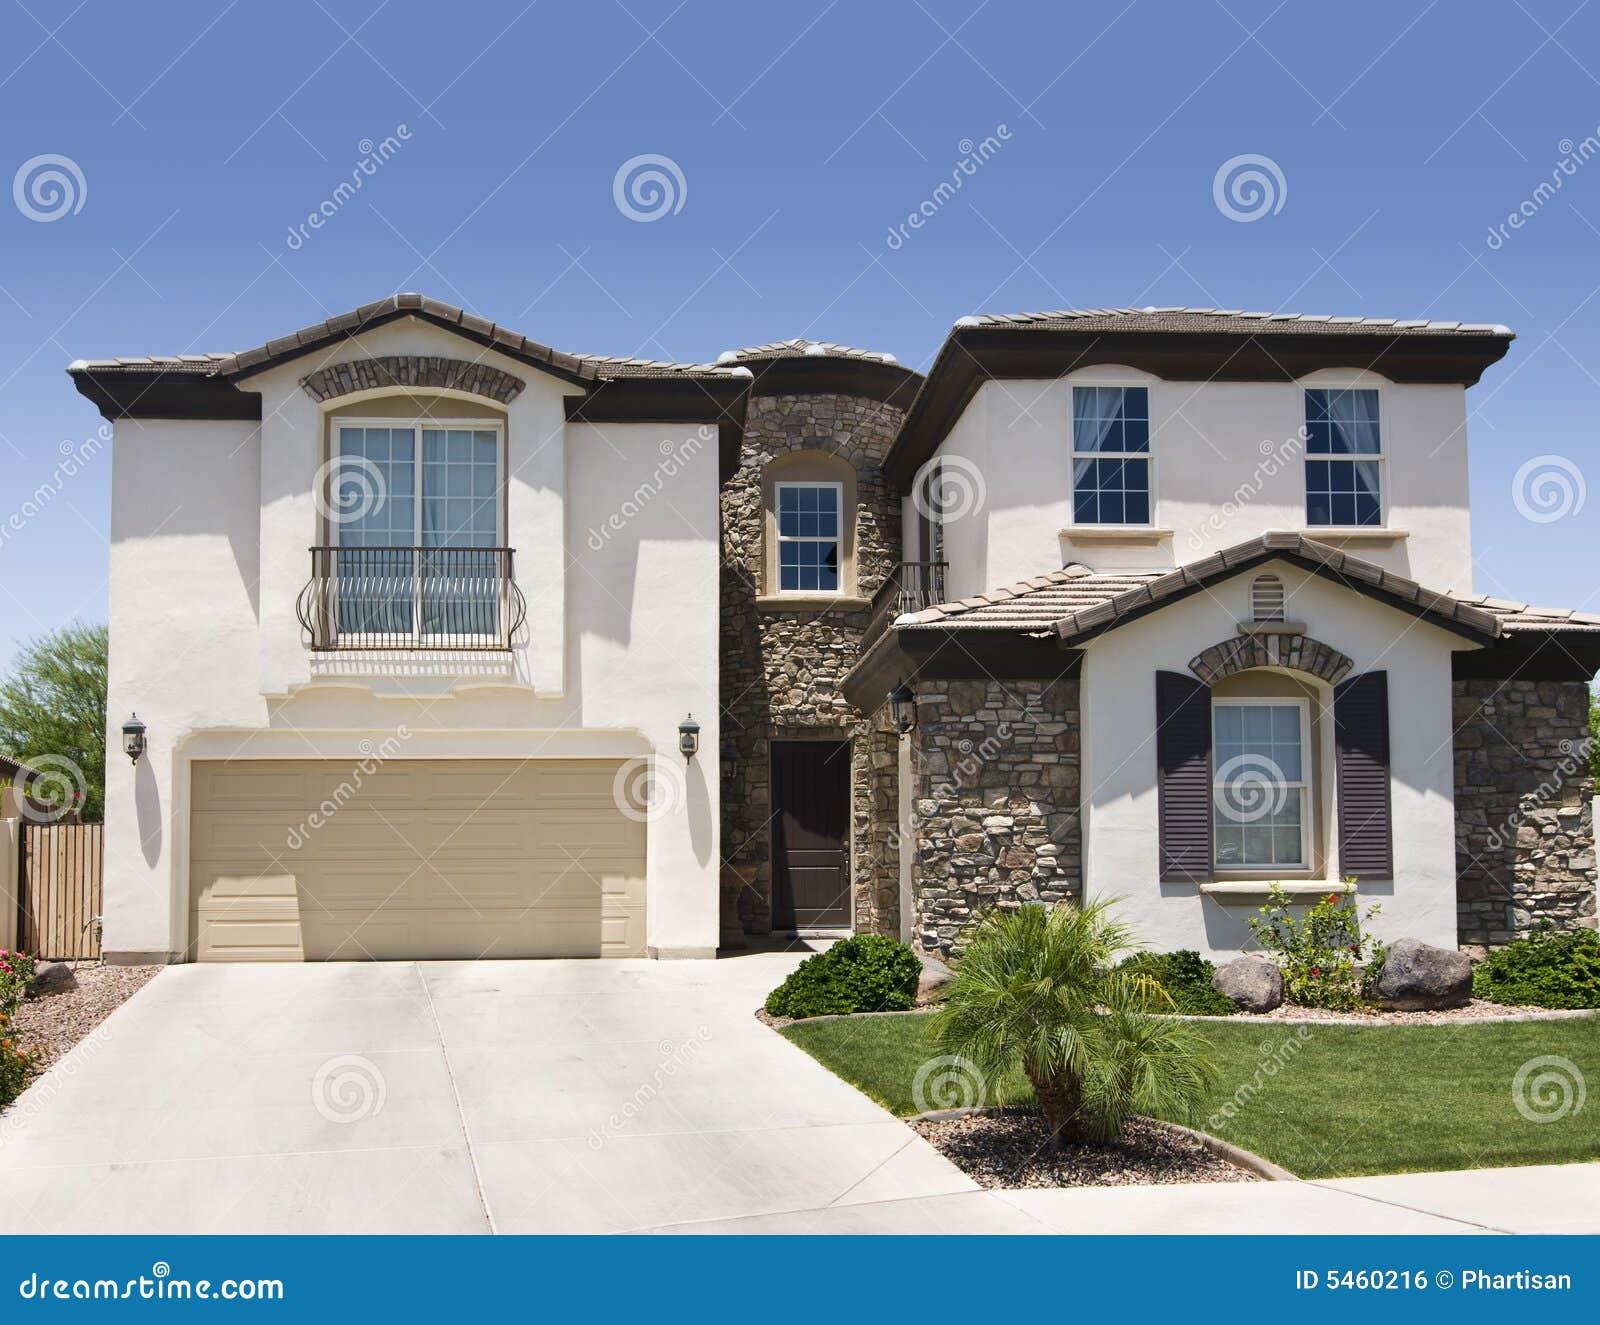 Southwestern Home Royalty Free Stock Image Image 5460216